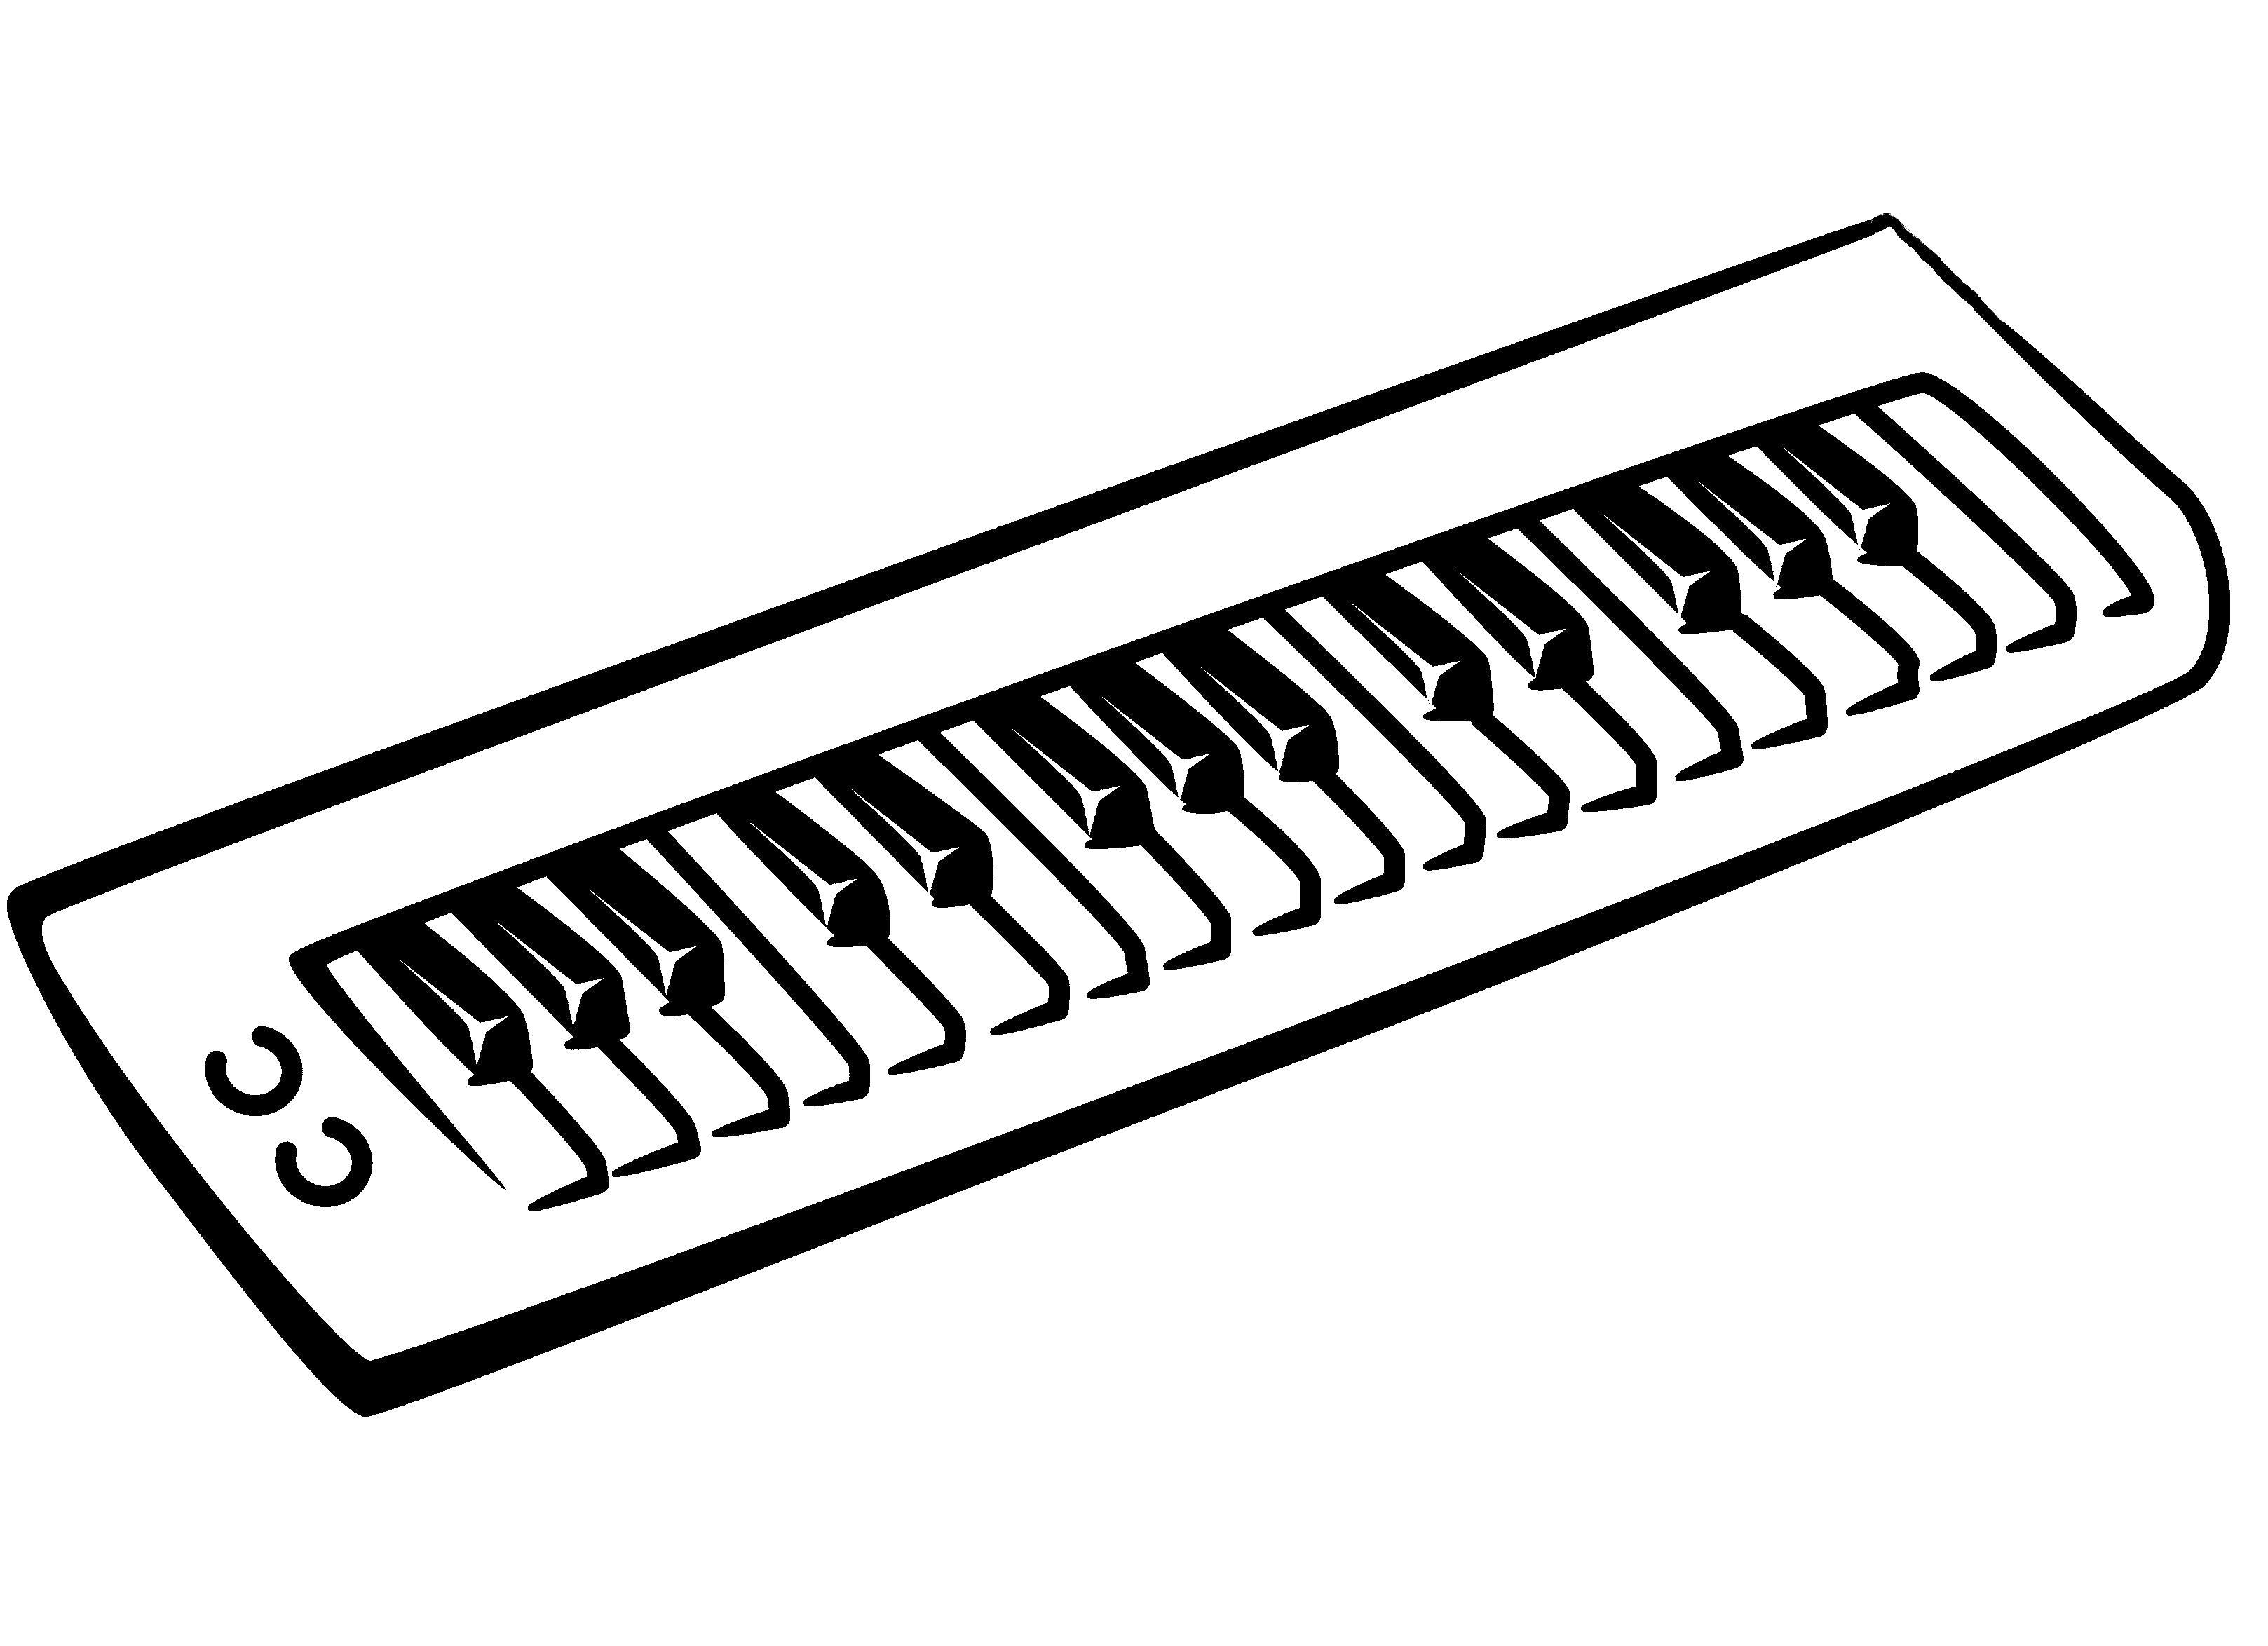 Раскраска пианино, музыкальные инструменты. Скачать .  Распечатать